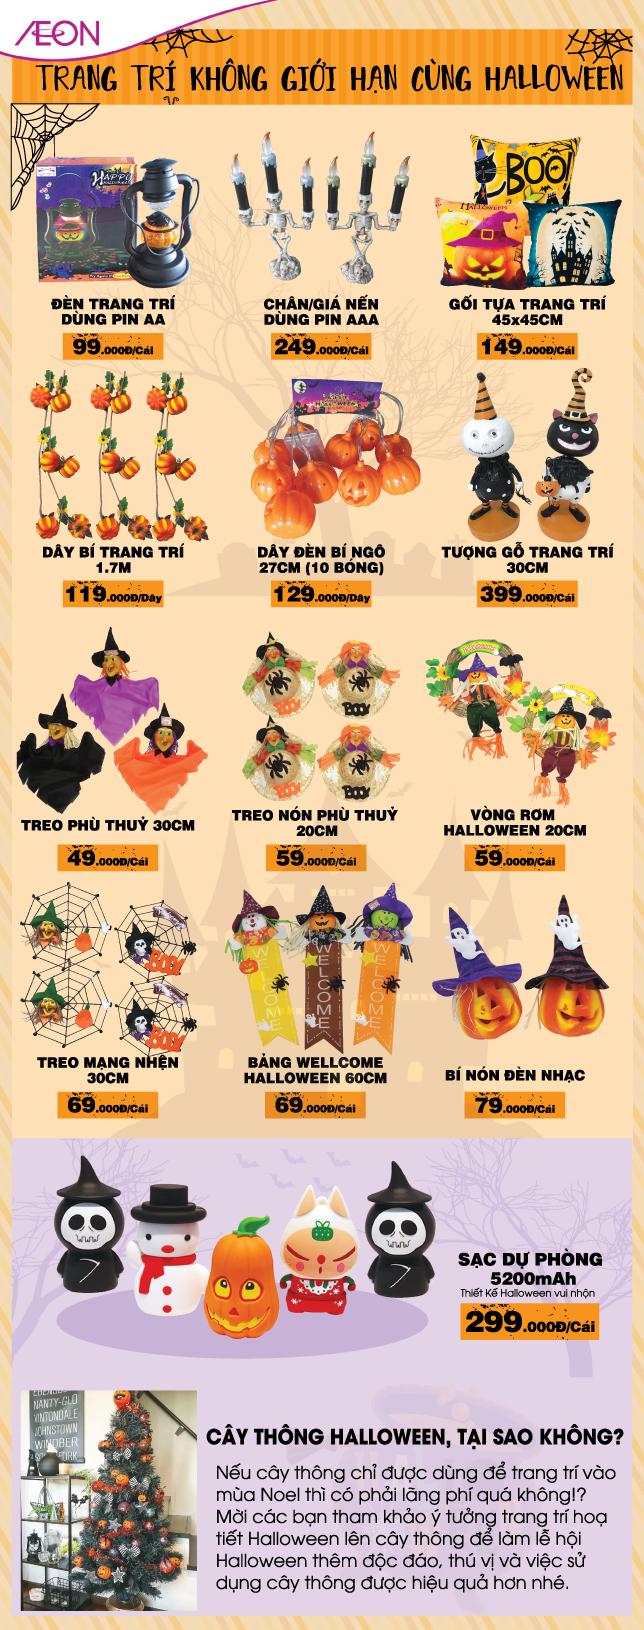 Trang trí không giới hạn cùng Halloween